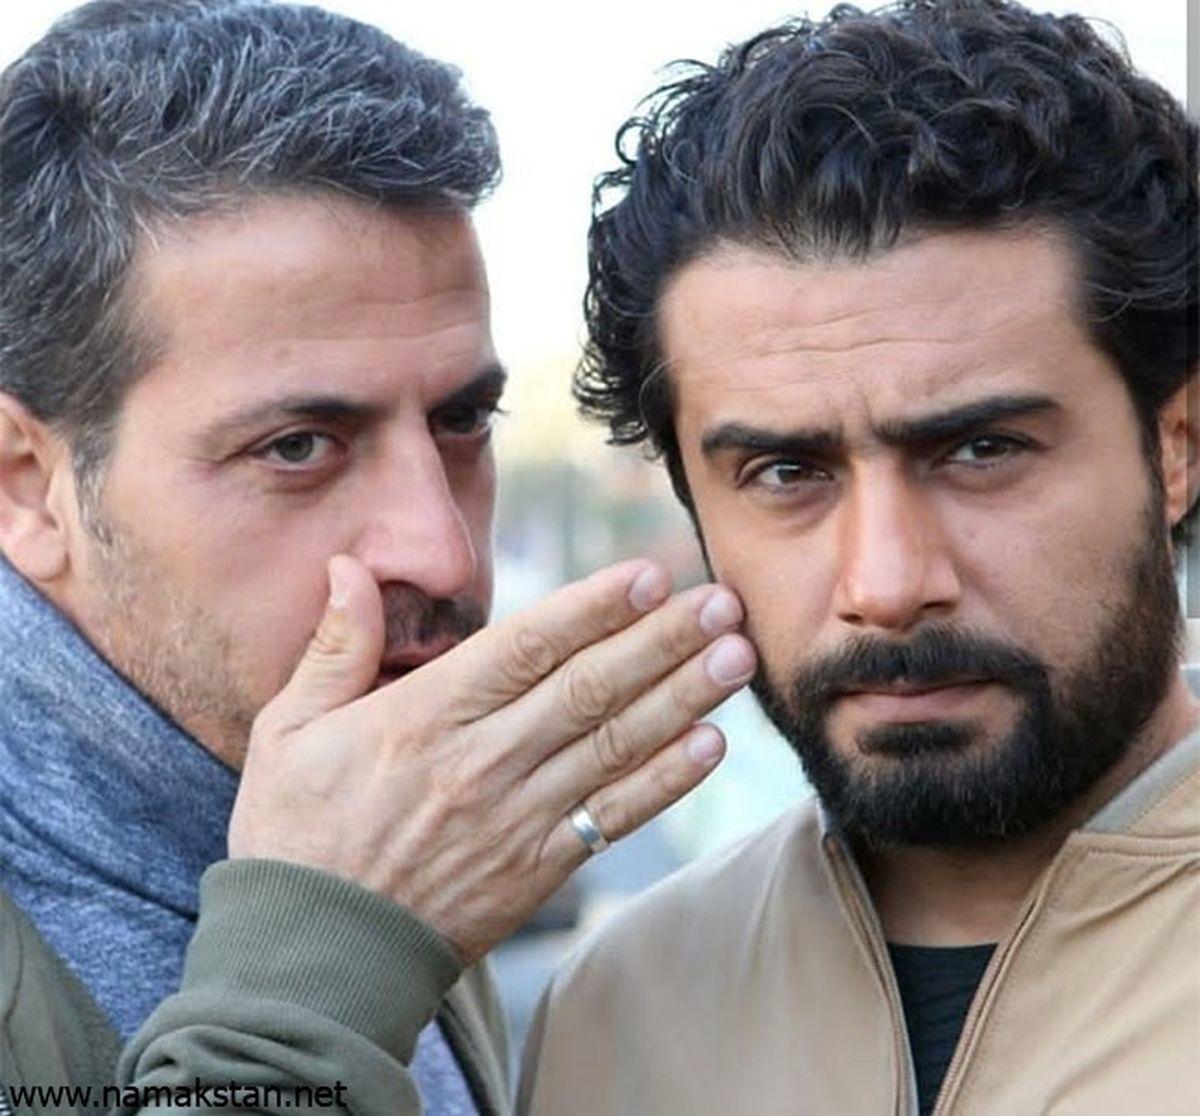 سرنوشت تلخ محمد در سریال گاندو